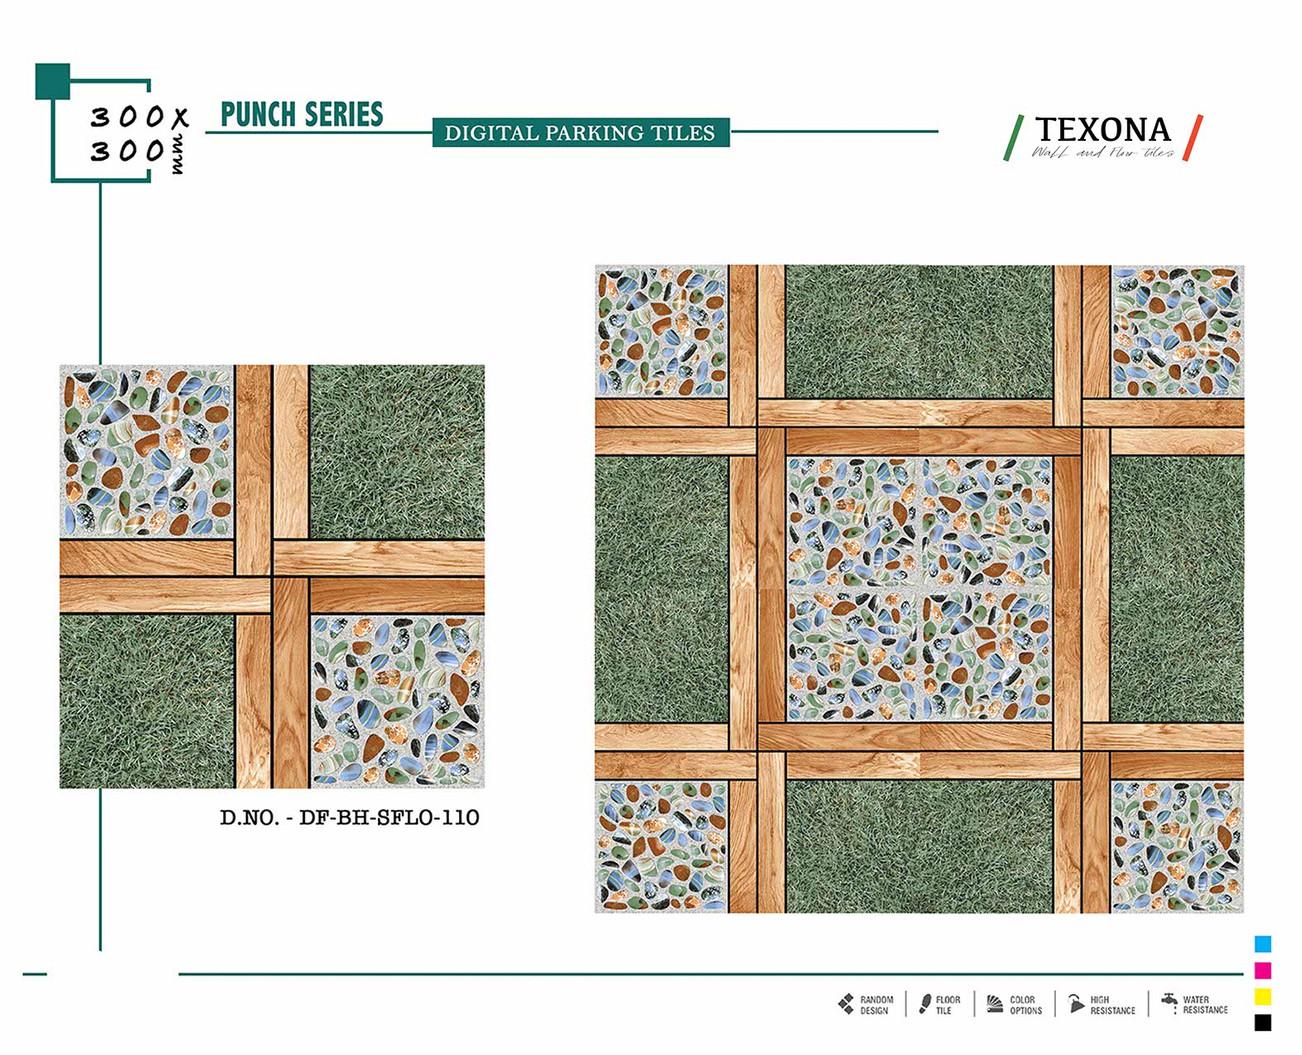 12X12 PARKING VOL.4_Page_31_Image_0001.j